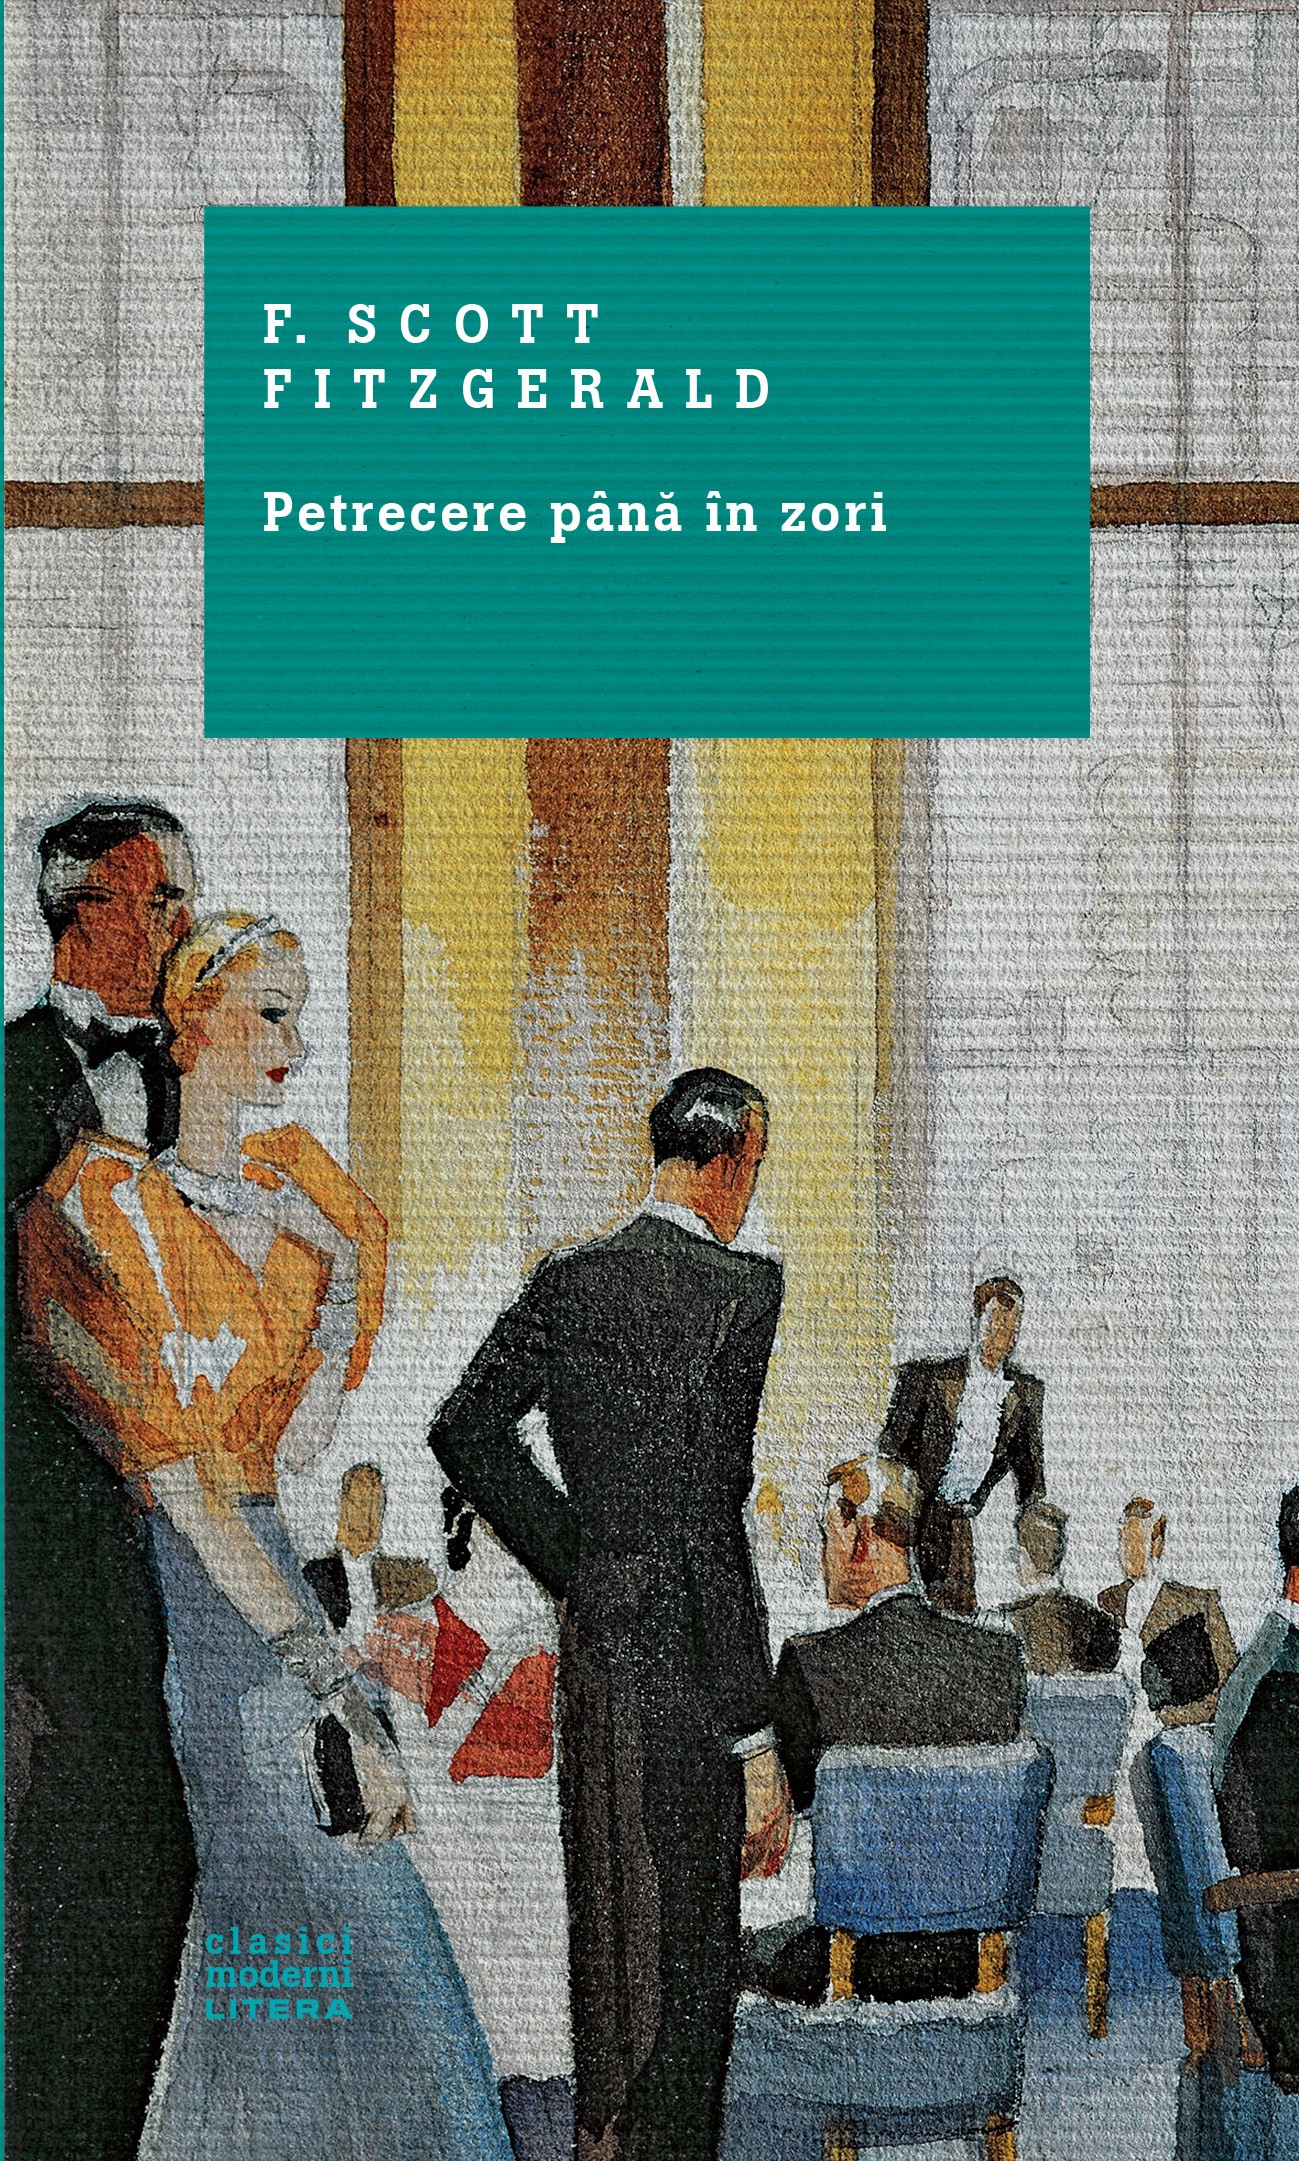 Petrecere până în zori - F. Scott Fitzgerald